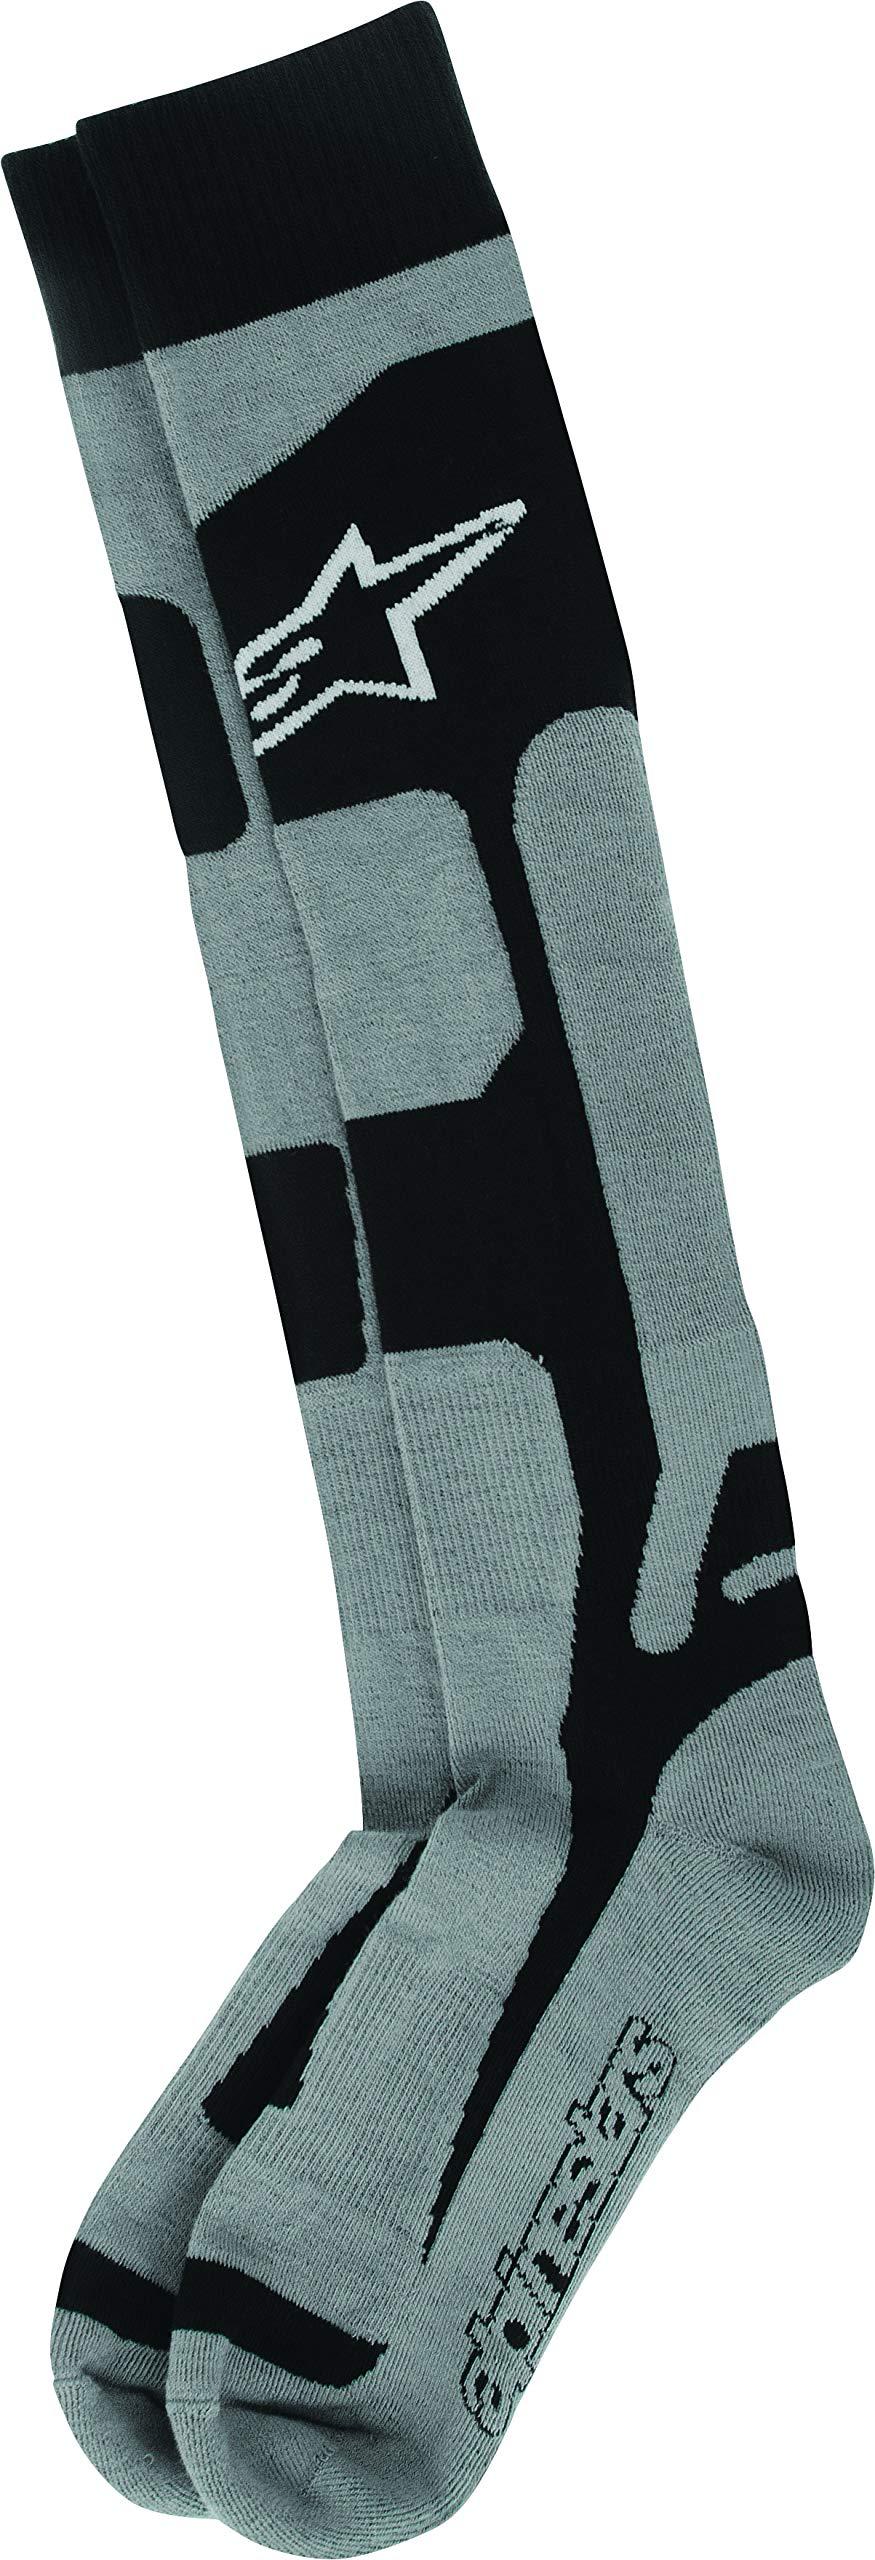 Alpinestars Men's 4702114-107-SM Sock (Coolmax) (Black, Small/Medium) by Alpinestars